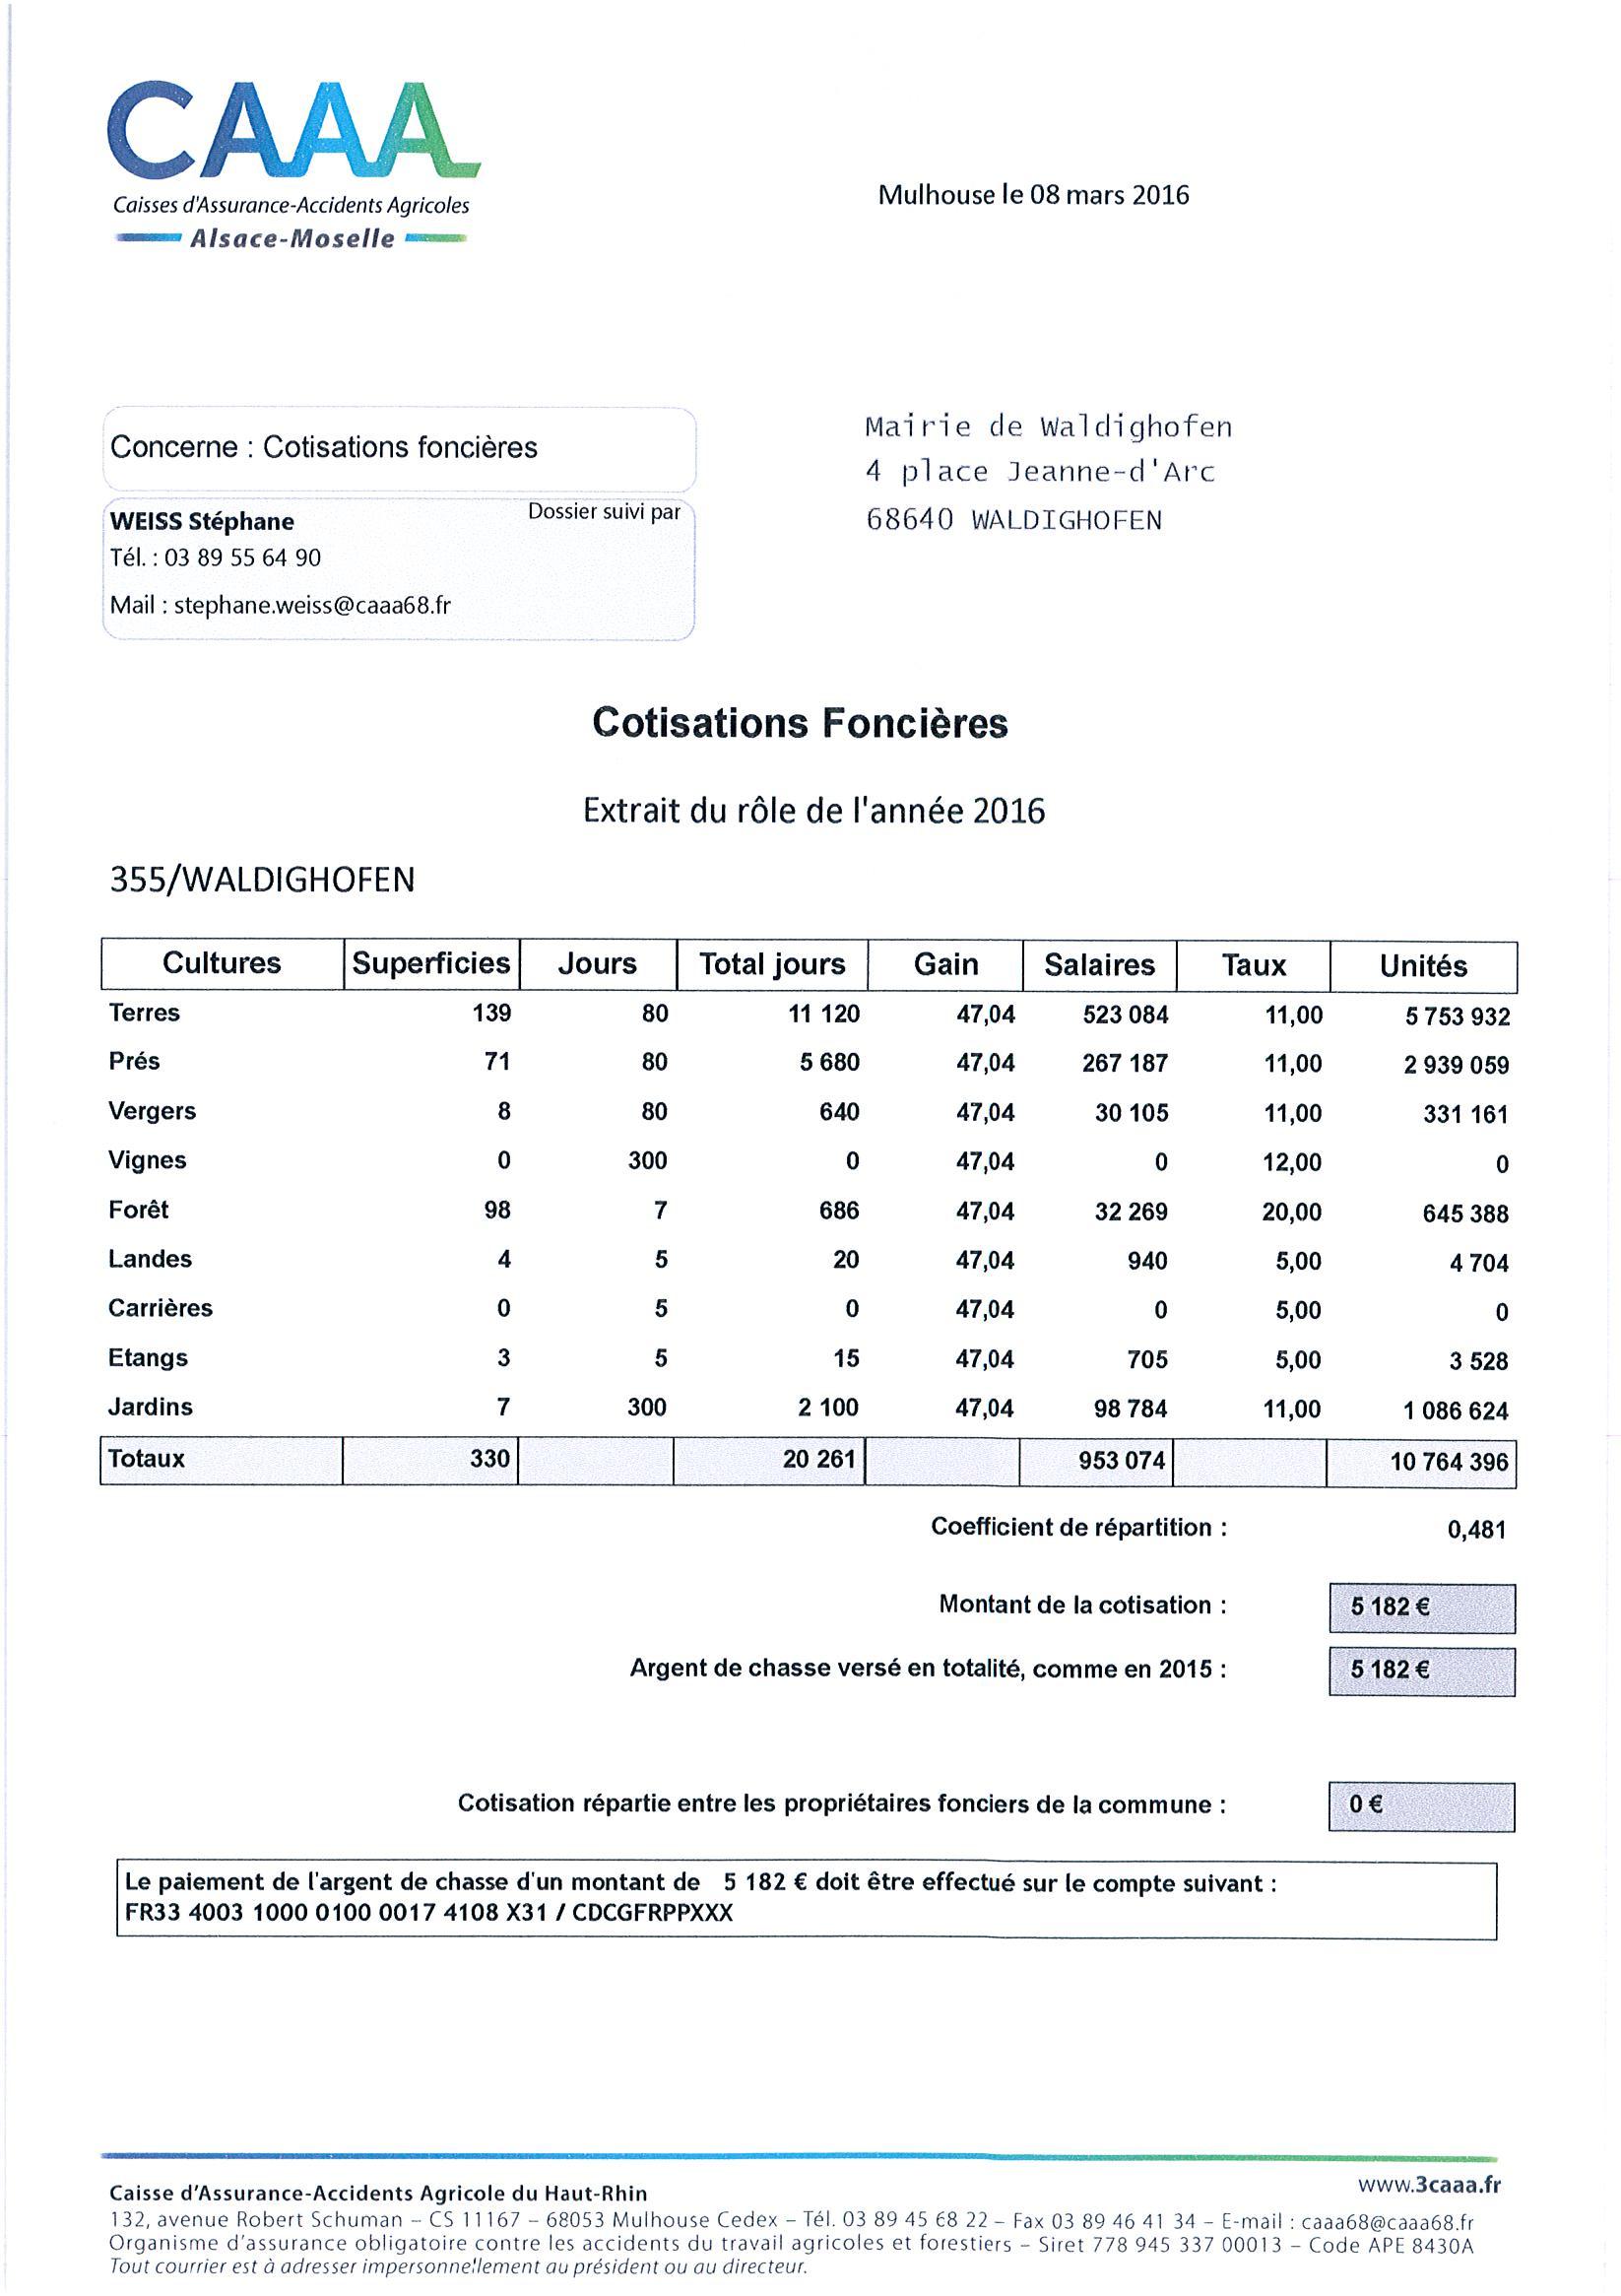 Cotisations foncières 2016